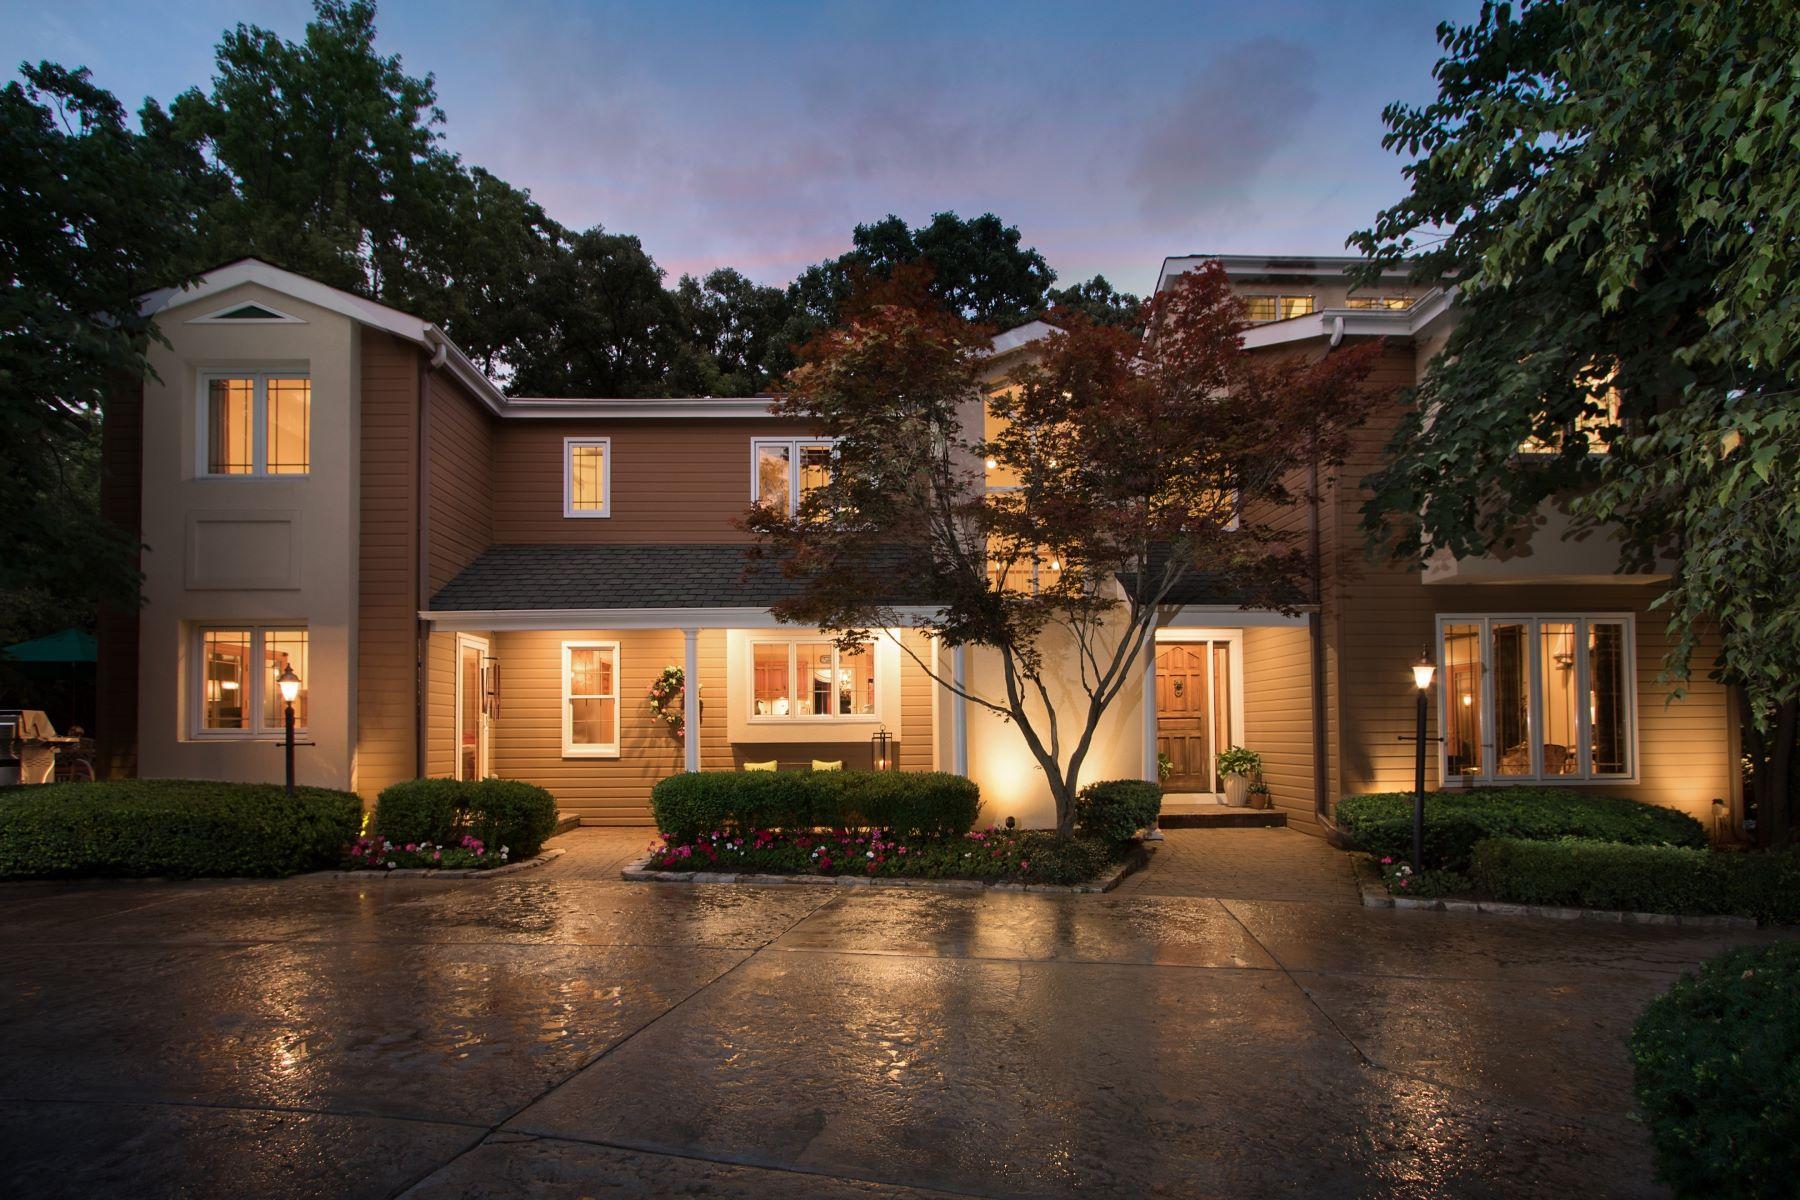 一戸建て のために 売買 アット Pinegrove Barrington Hills 112 Brinker Road Barrington Hills, イリノイ, 60010 アメリカ合衆国